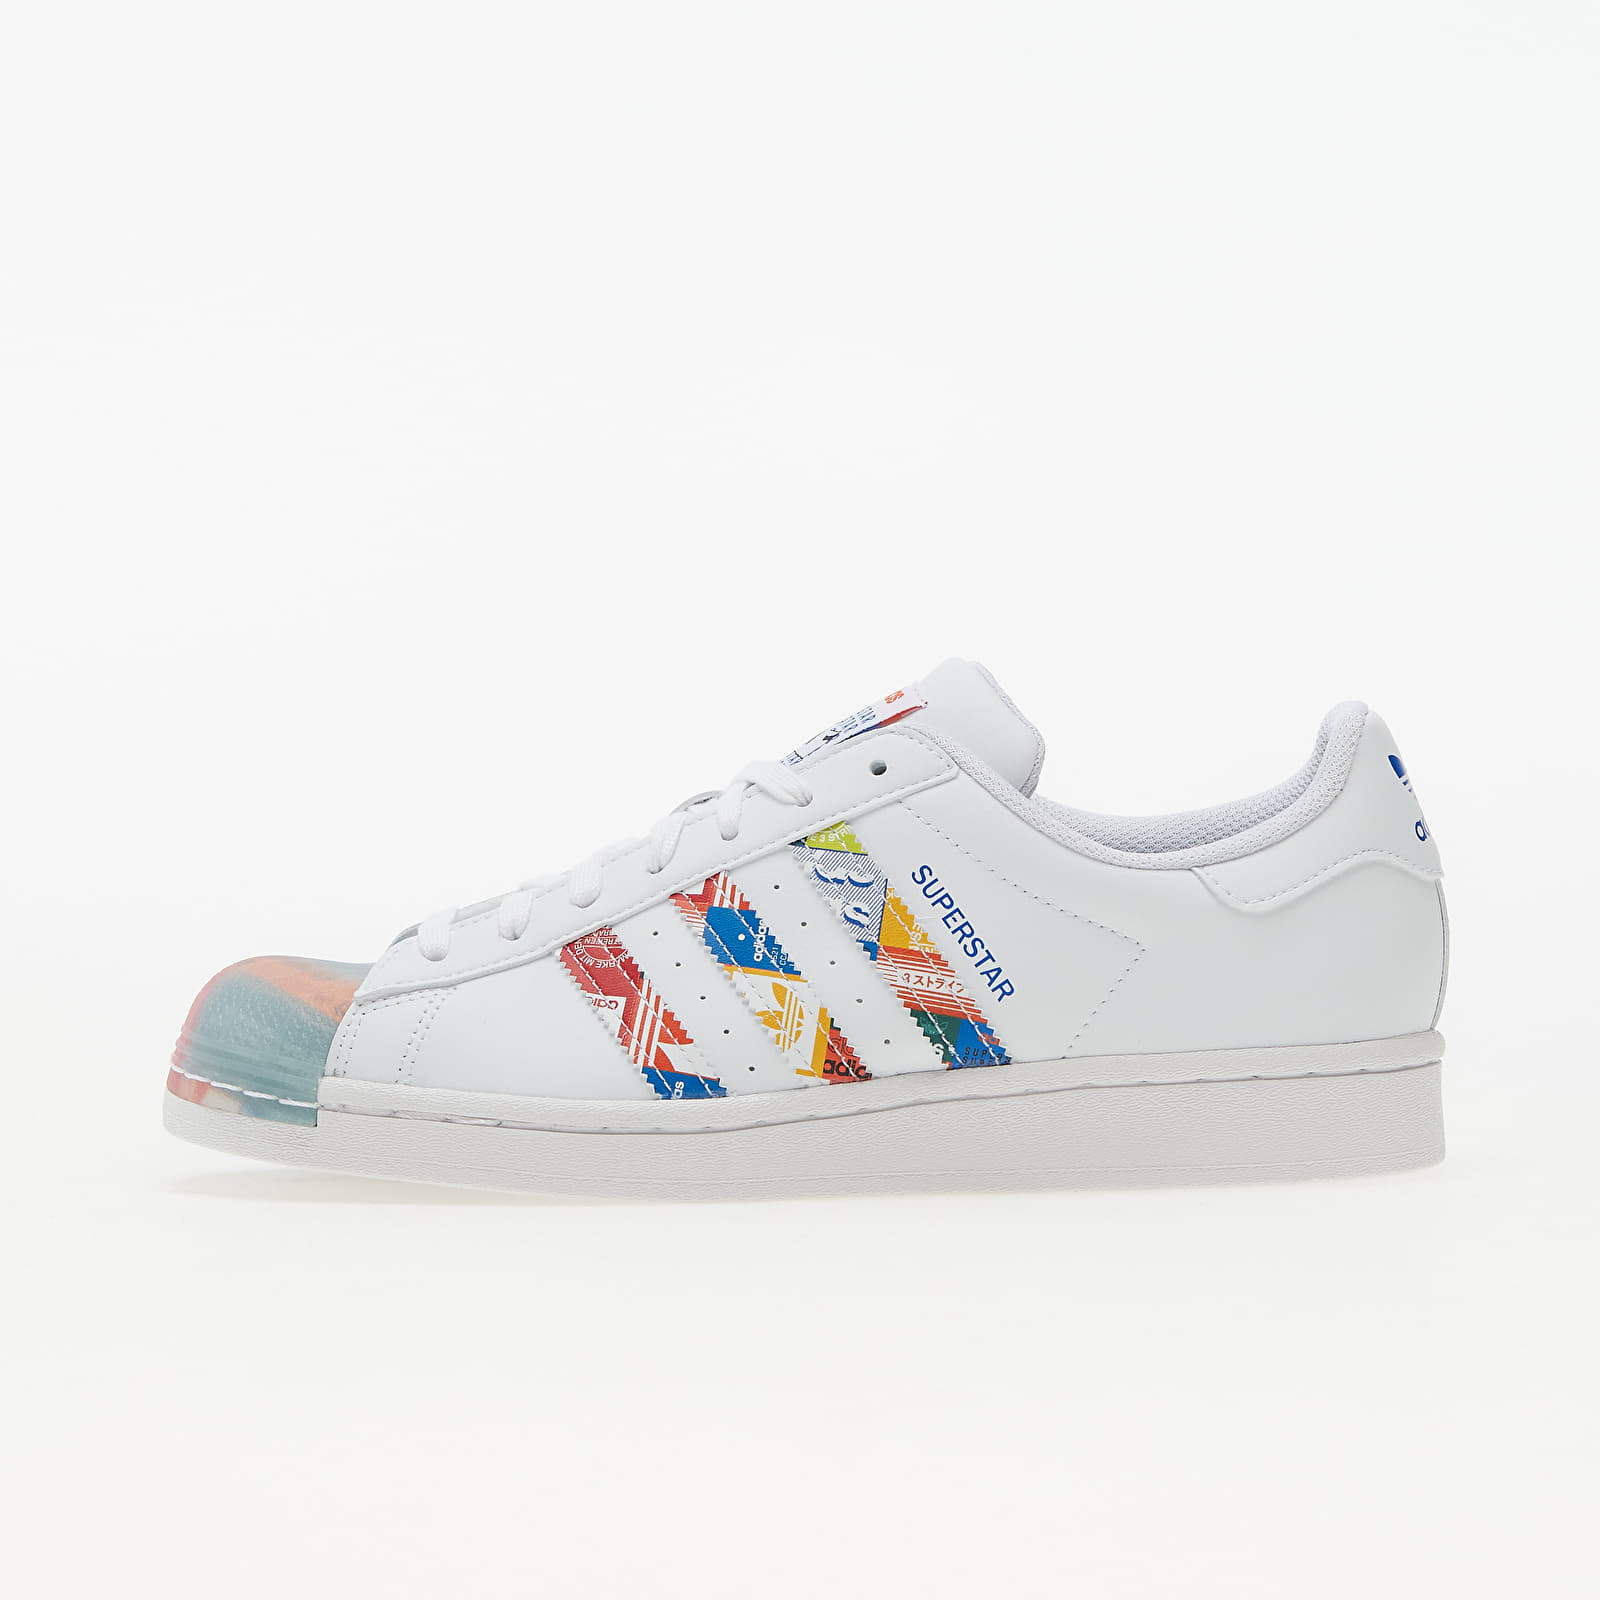 adidas Superstar Ftw White/ Blue/ Orange EUR 40